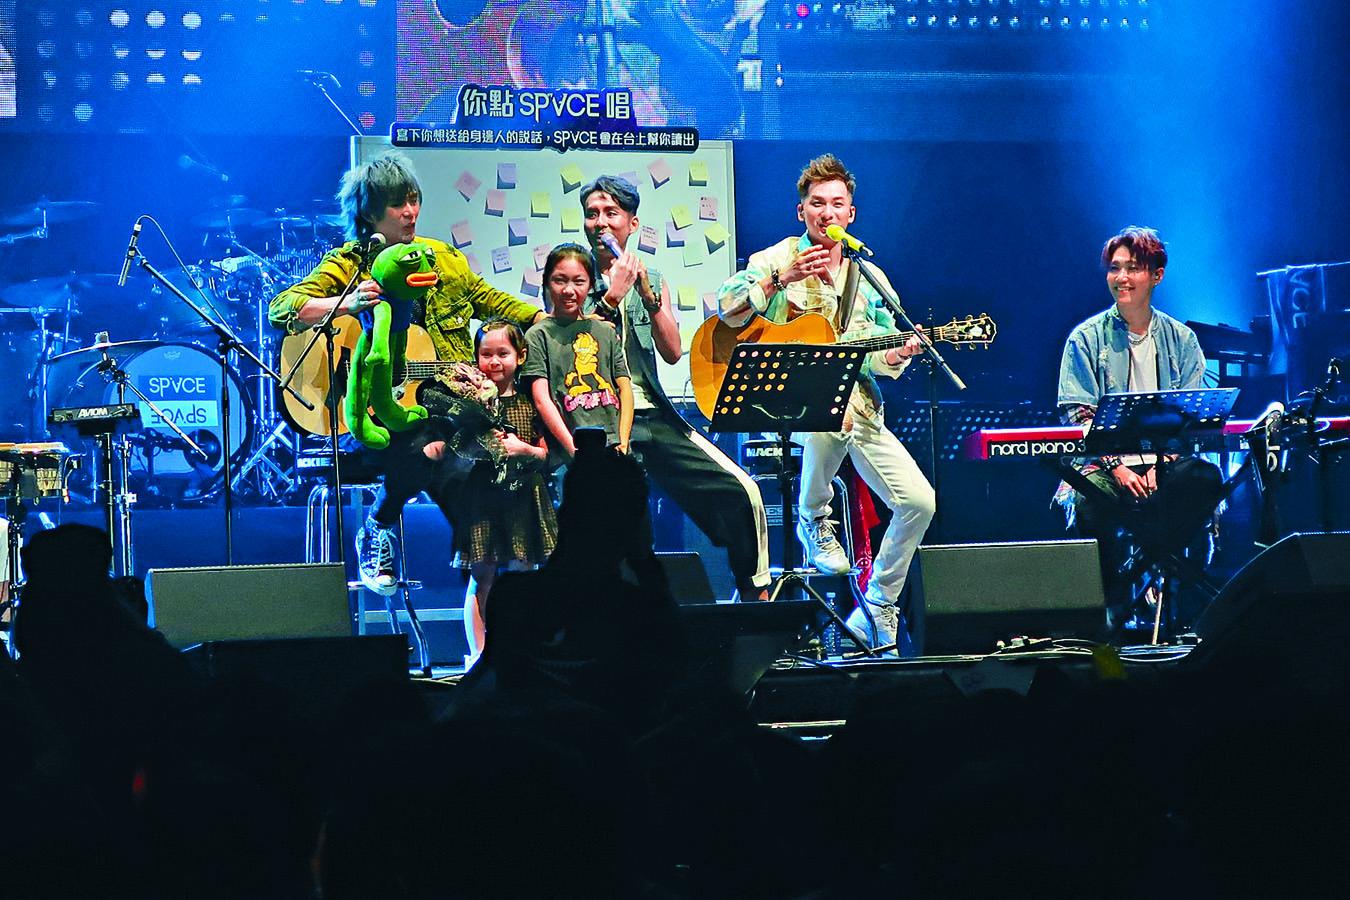 樂隊sp'ACE前晚舉行首個售票演唱會。